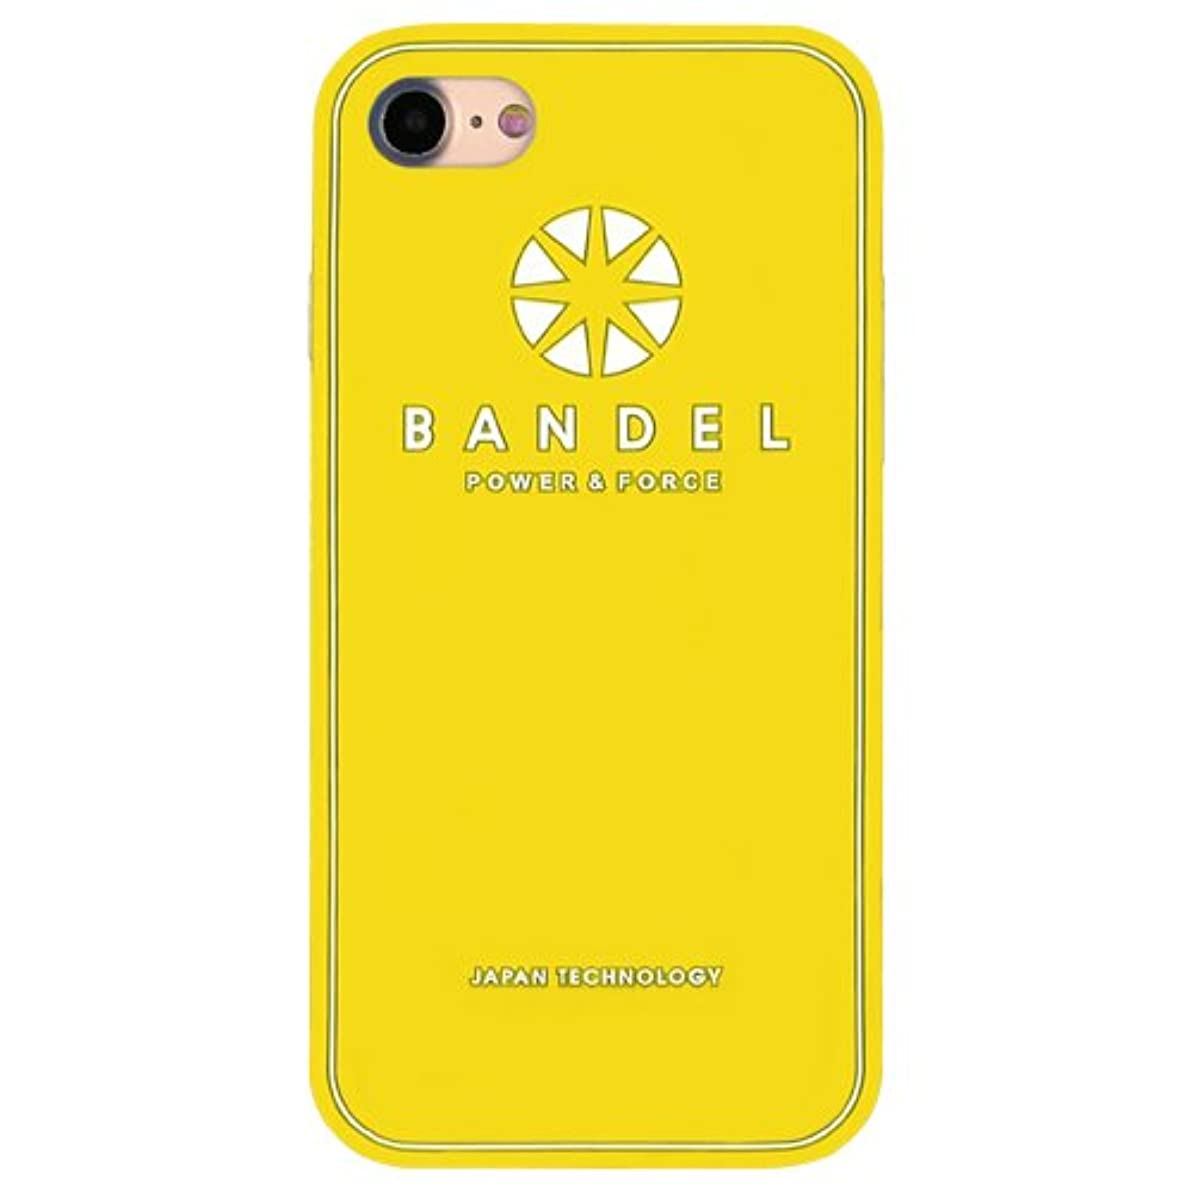 最悪嫌悪時間バンデル(BANDEL) ロゴ iPhone 8専用 シリコンケース [イエロー×ホワイト]